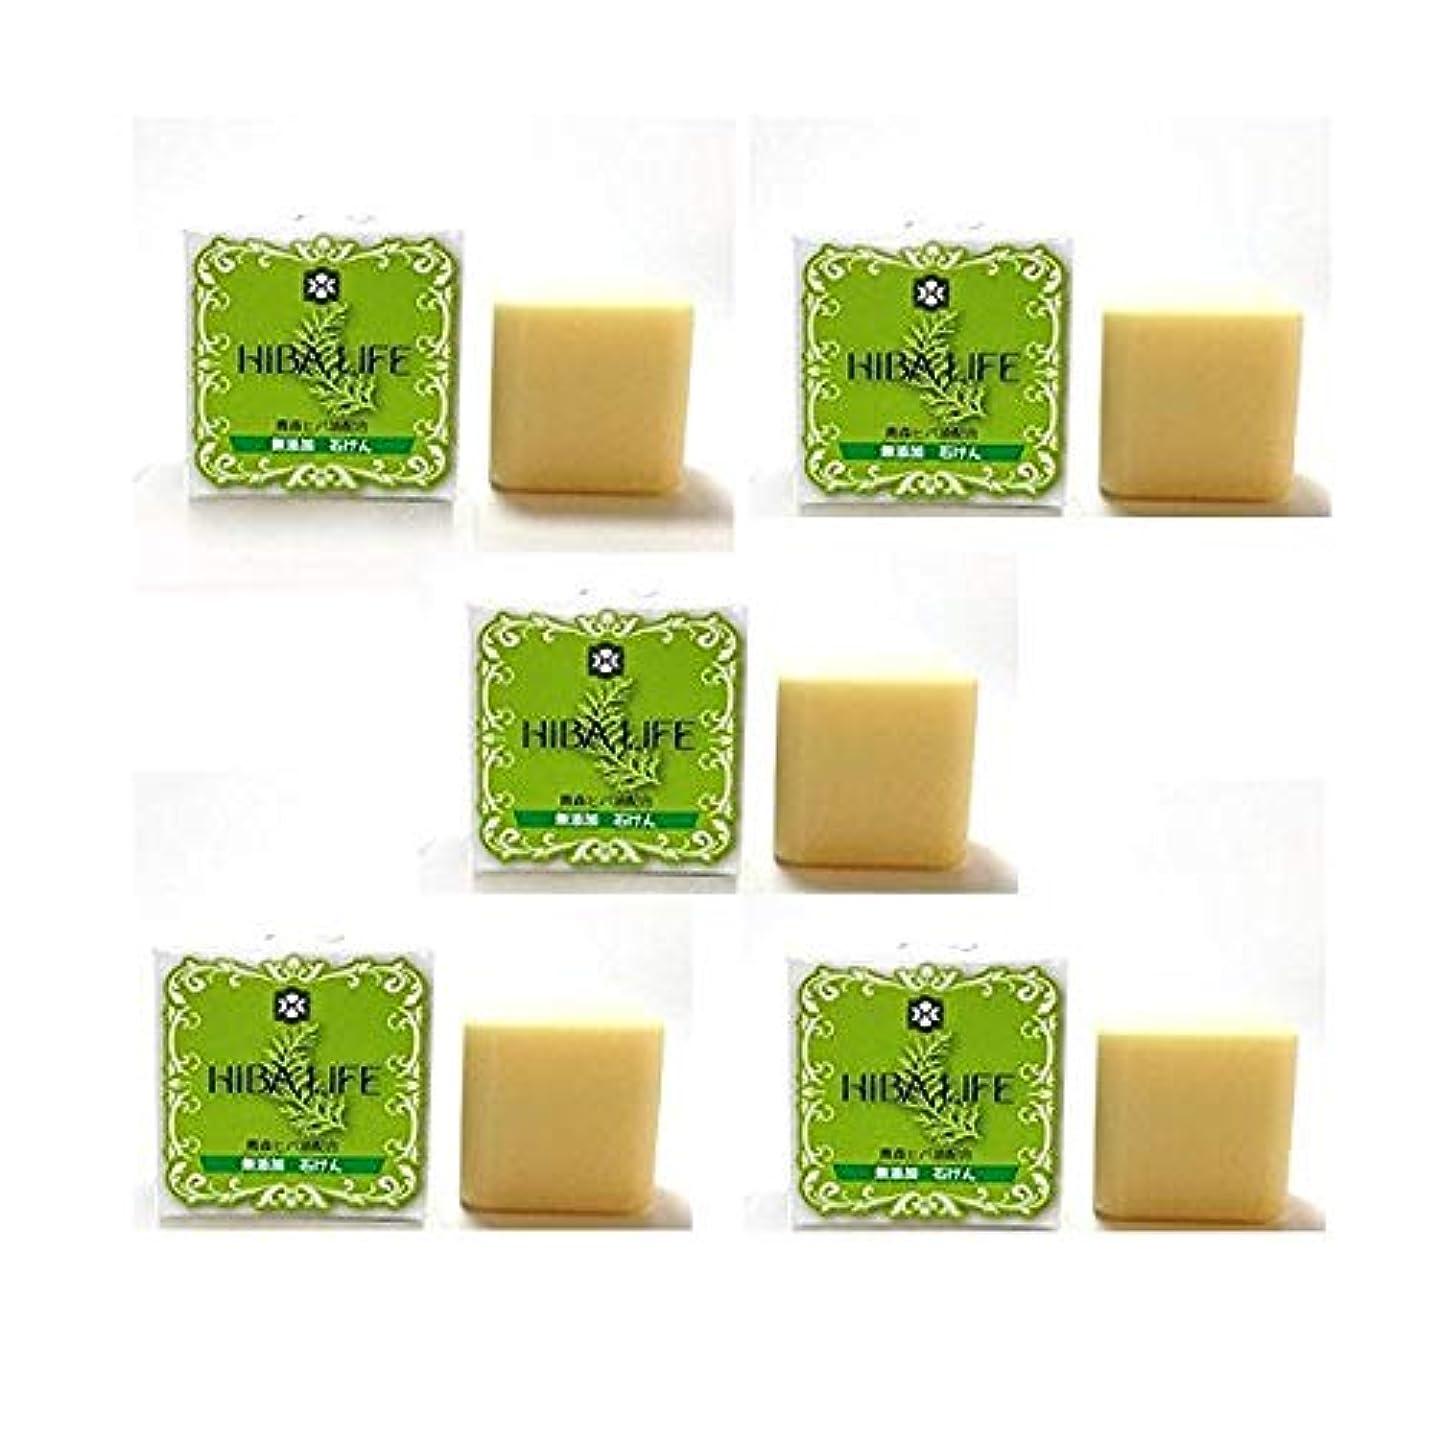 学校きらめくタオルヒバ石鹸 ひばの森化粧石鹸5個セット(100g×5個) 青森ヒバ精油配合の無添加ひば石鹸